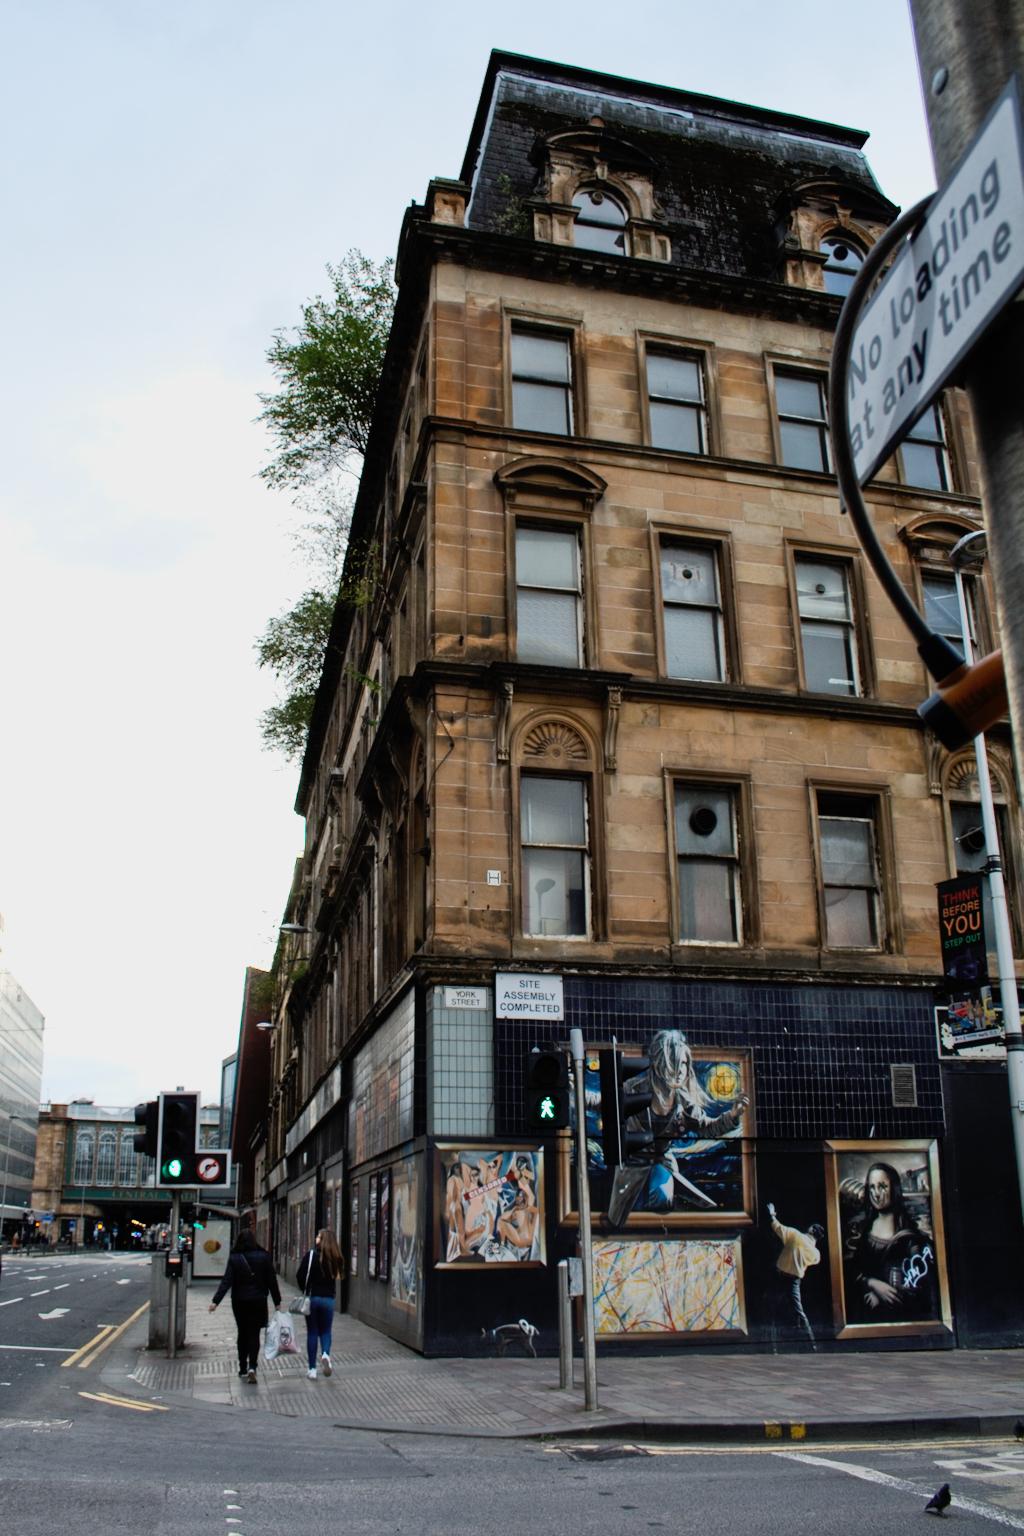 Ein paar Stunden in Glasgow - verlassenes Gebäude und Streetart - Zebraspider DIY Anti-Fashion Blog